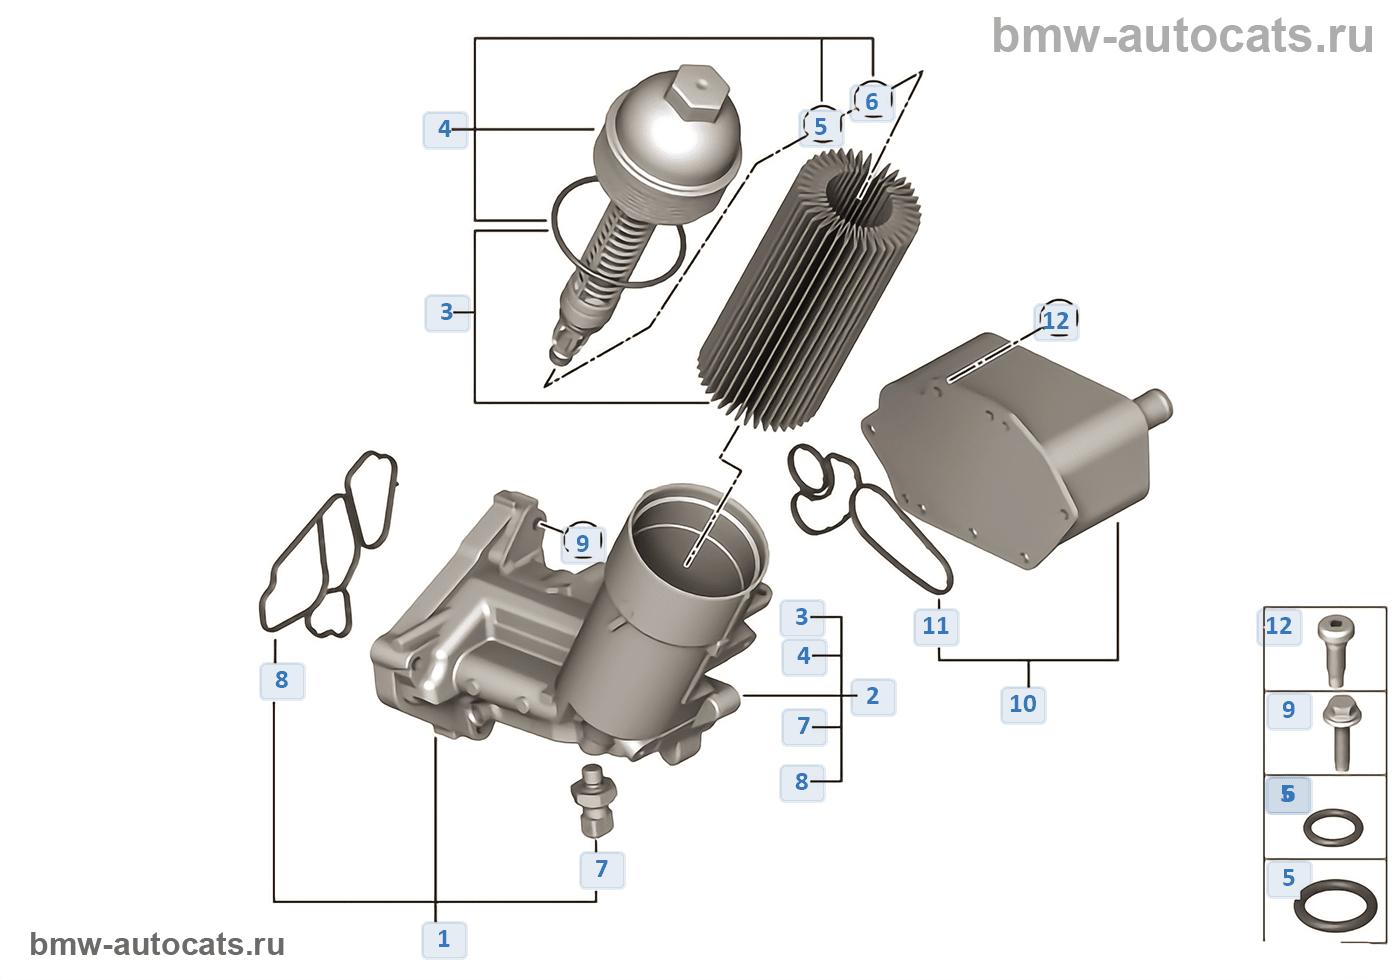 Теплообменник для бмв е39 Уплотнения теплообменника Alfa Laval T8-BFM Калининград